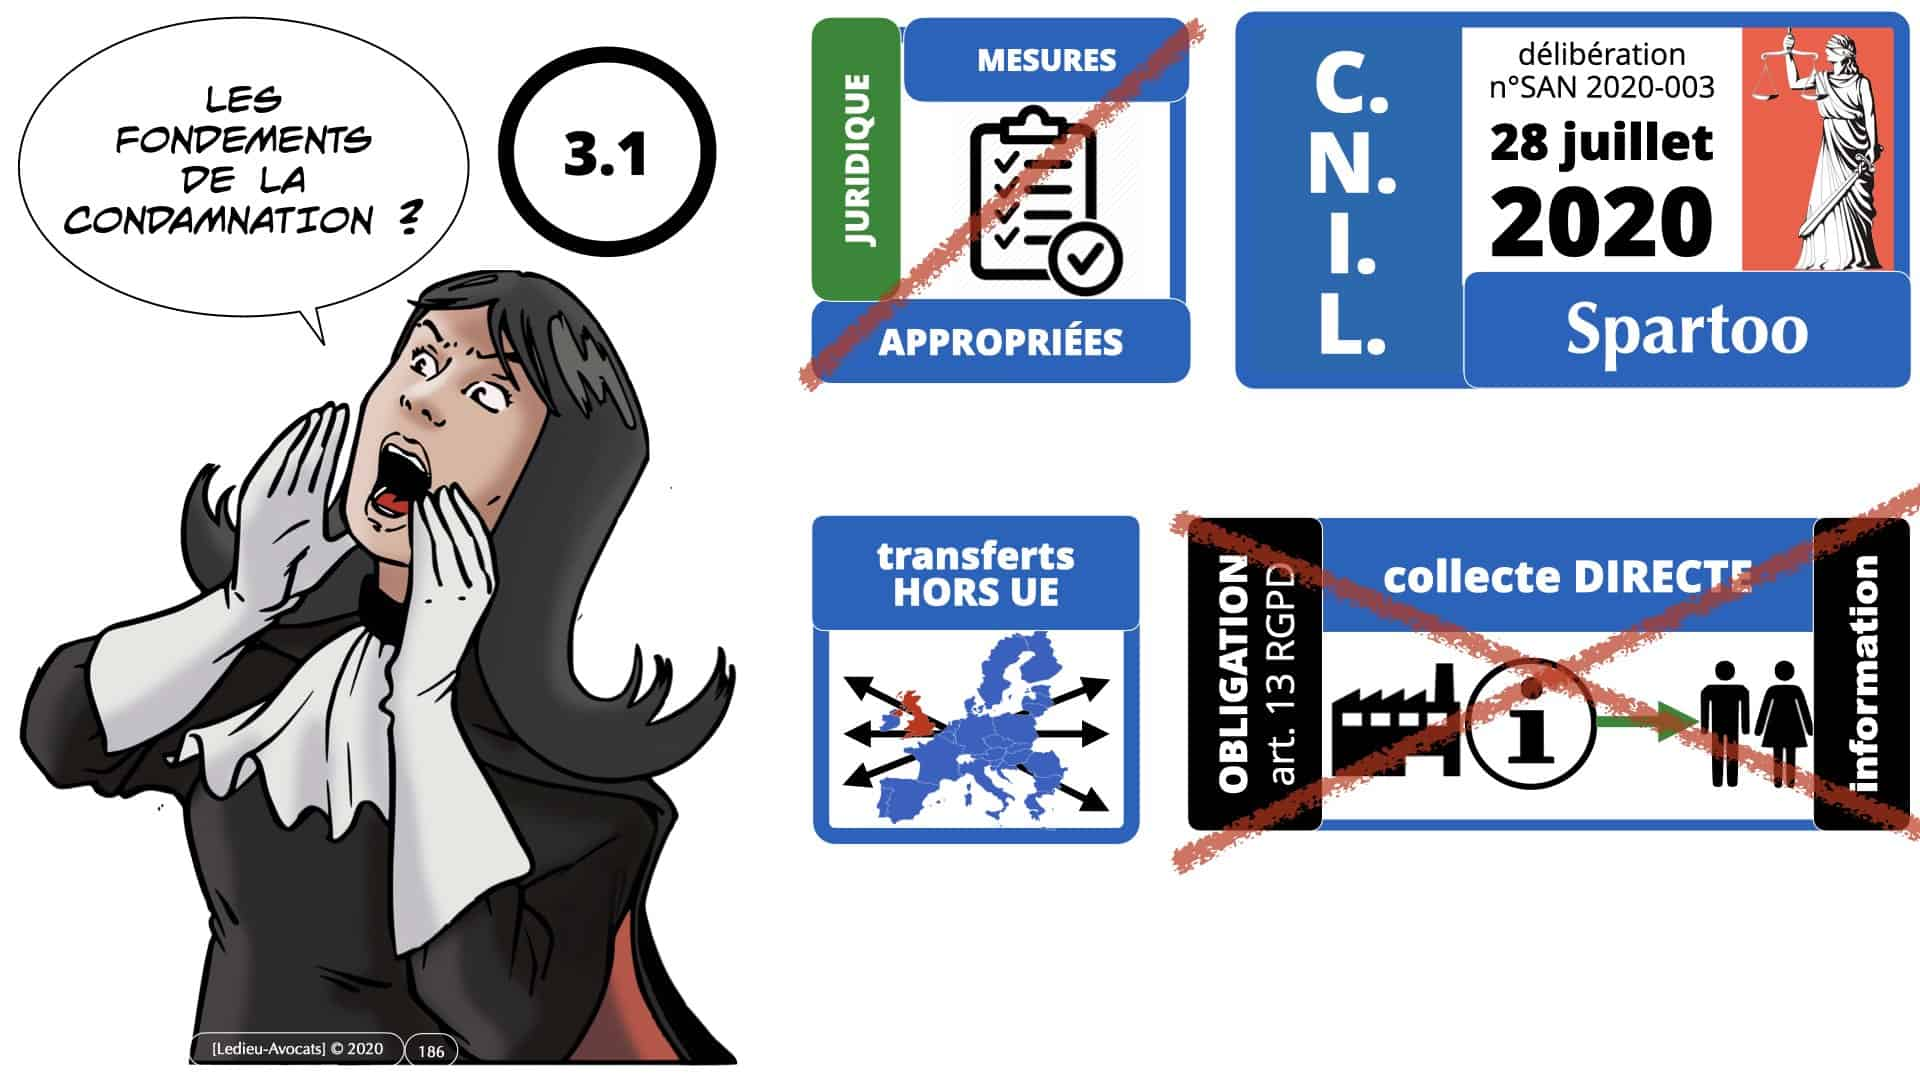 RGPD e-Privacy données personnelles jurisprudence formation Lamy Les Echos 10-02-2021 ©Ledieu-Avocats.186